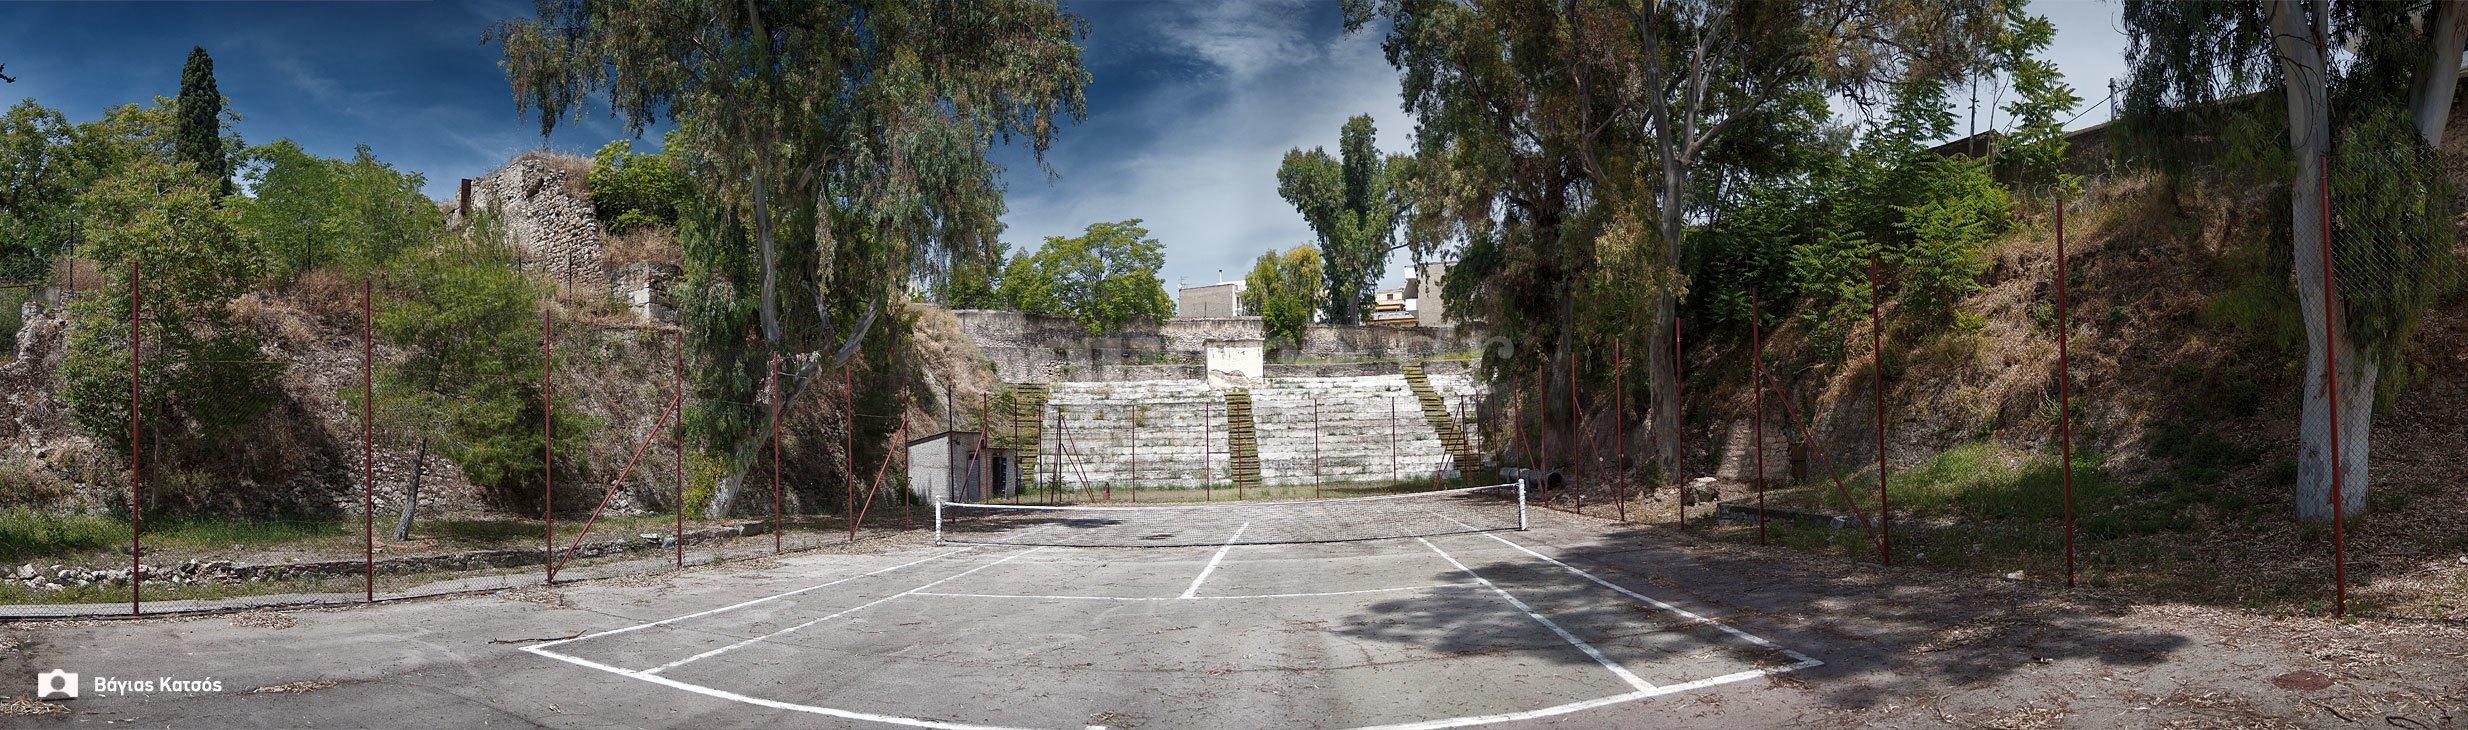 3-Τάφρος-και-μεσαιωνικό-τείχος-της-Χαλκίδας-μέσα-στο-χώρο-της-σχολής-πεζικού-2